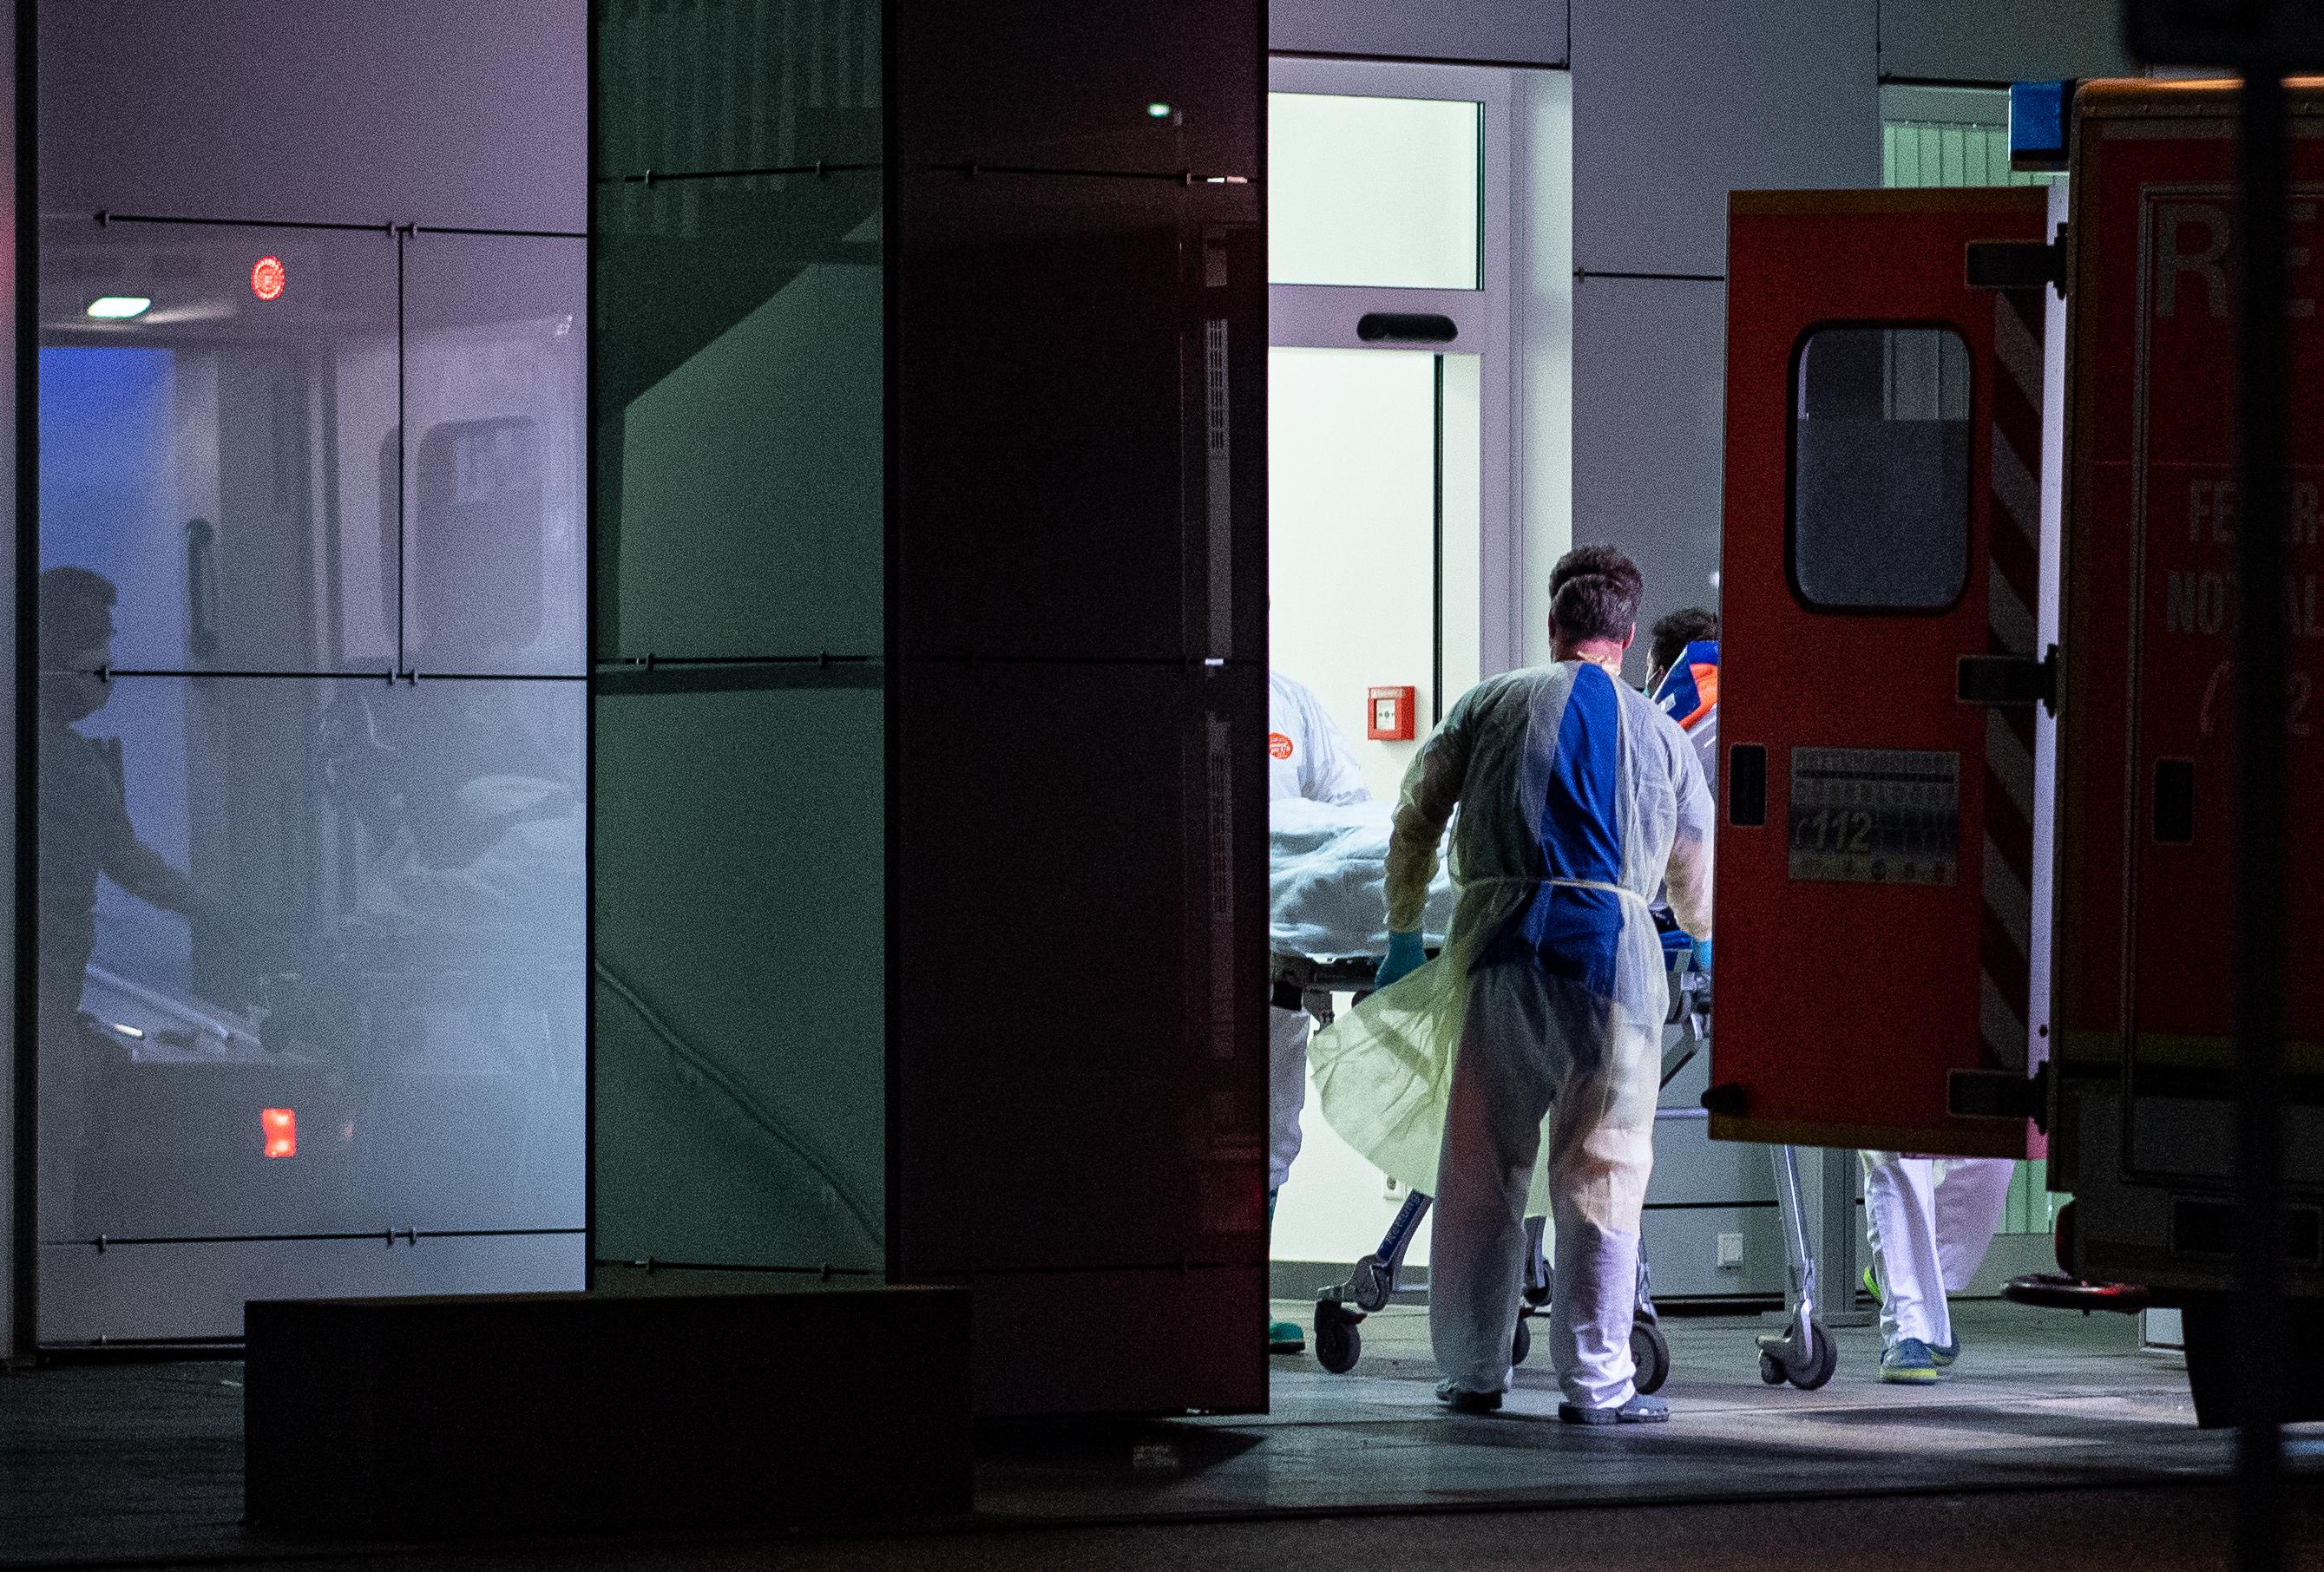 Újabb két koronavírusos beteget találtak Németországban